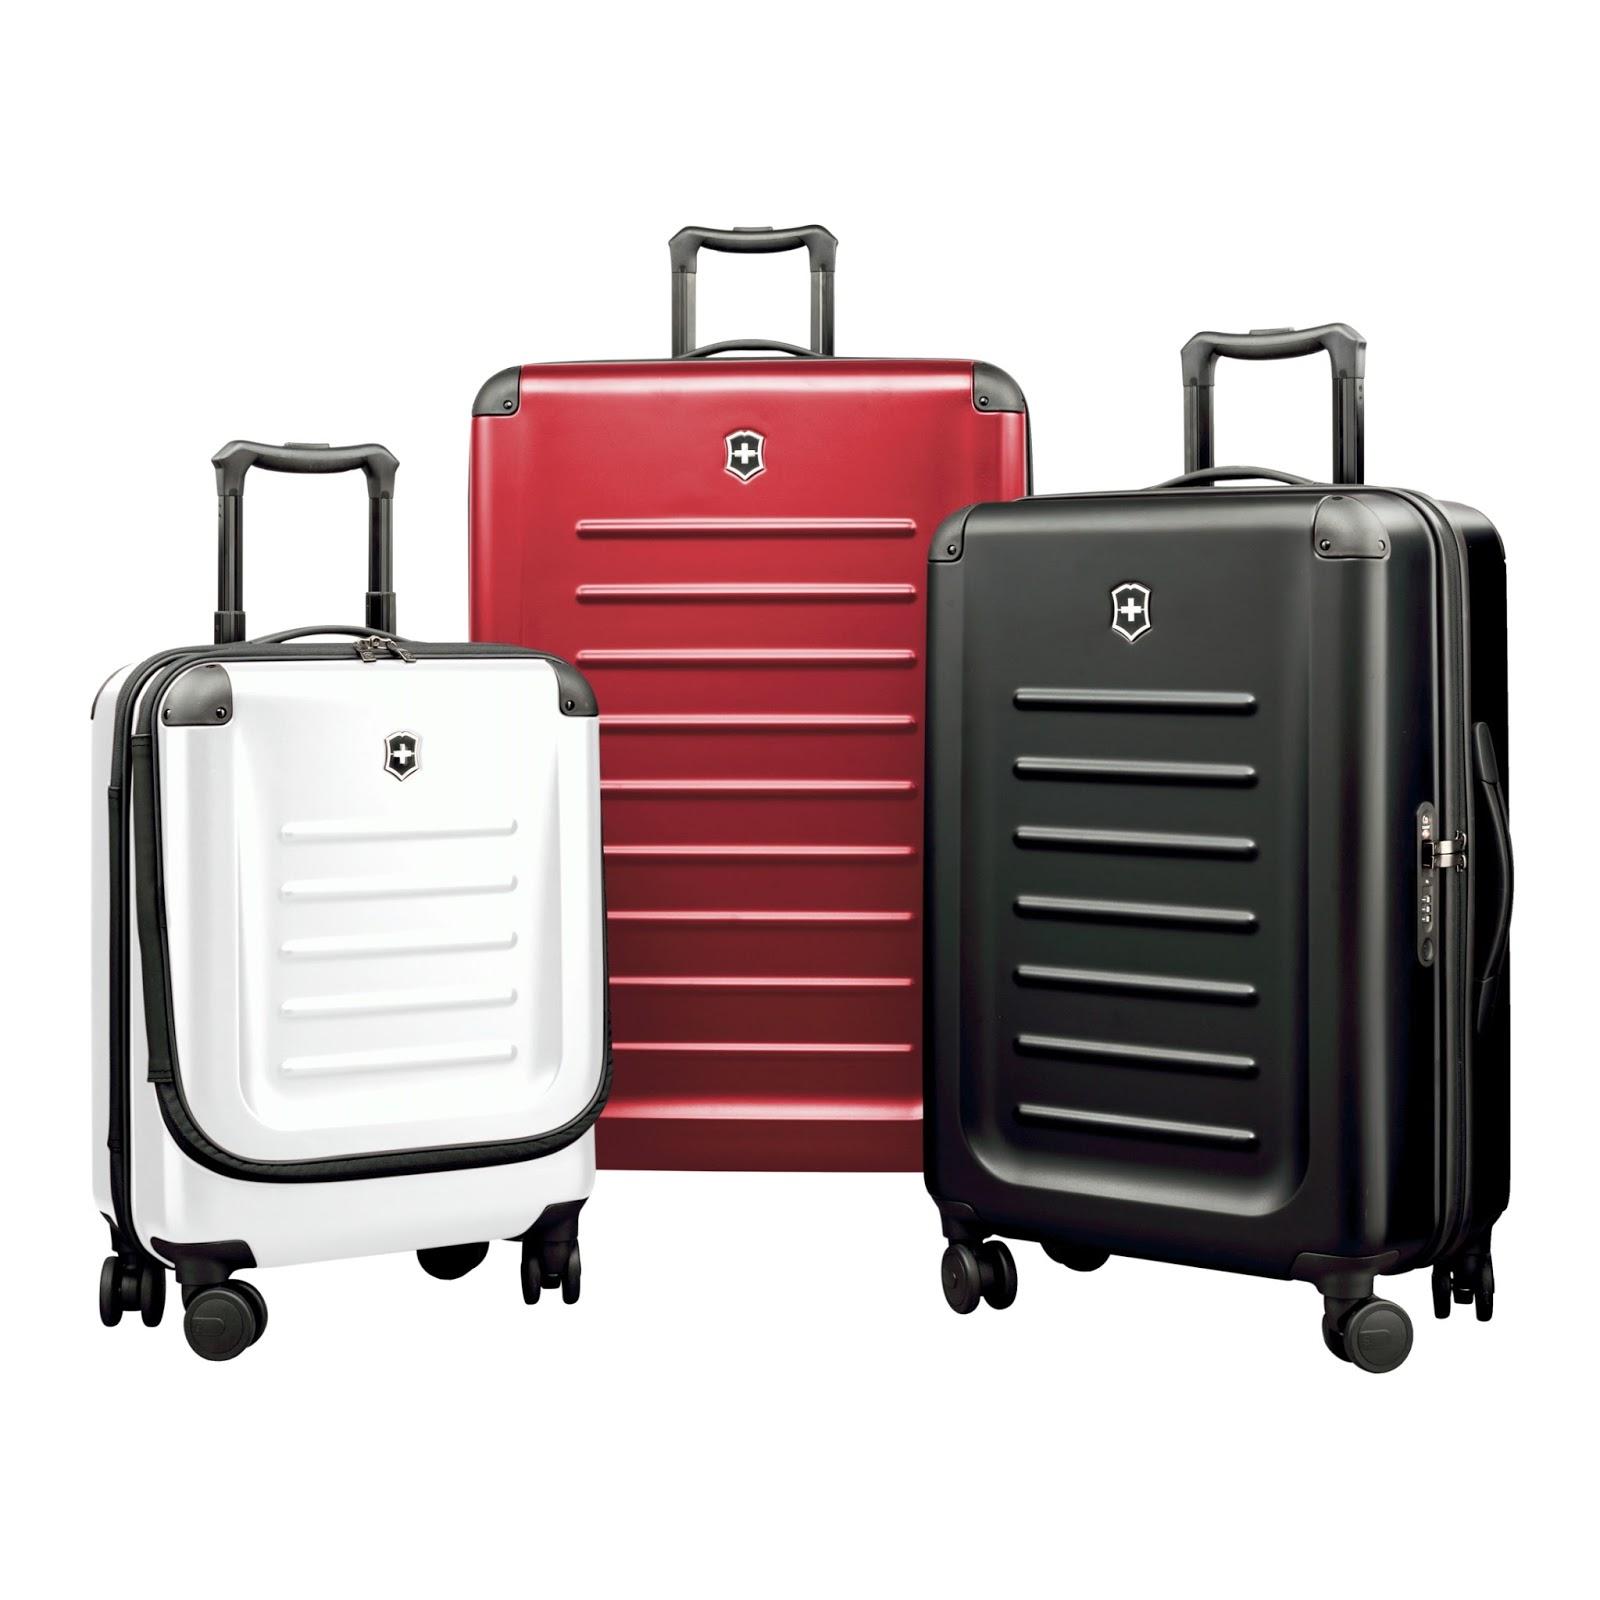 Oleh sebab itu gunakanlah tas koper yang tepat selama bepergian Jangan sampai tas koper yang kita gunakan tiba tiba putus robek atau rusak saat